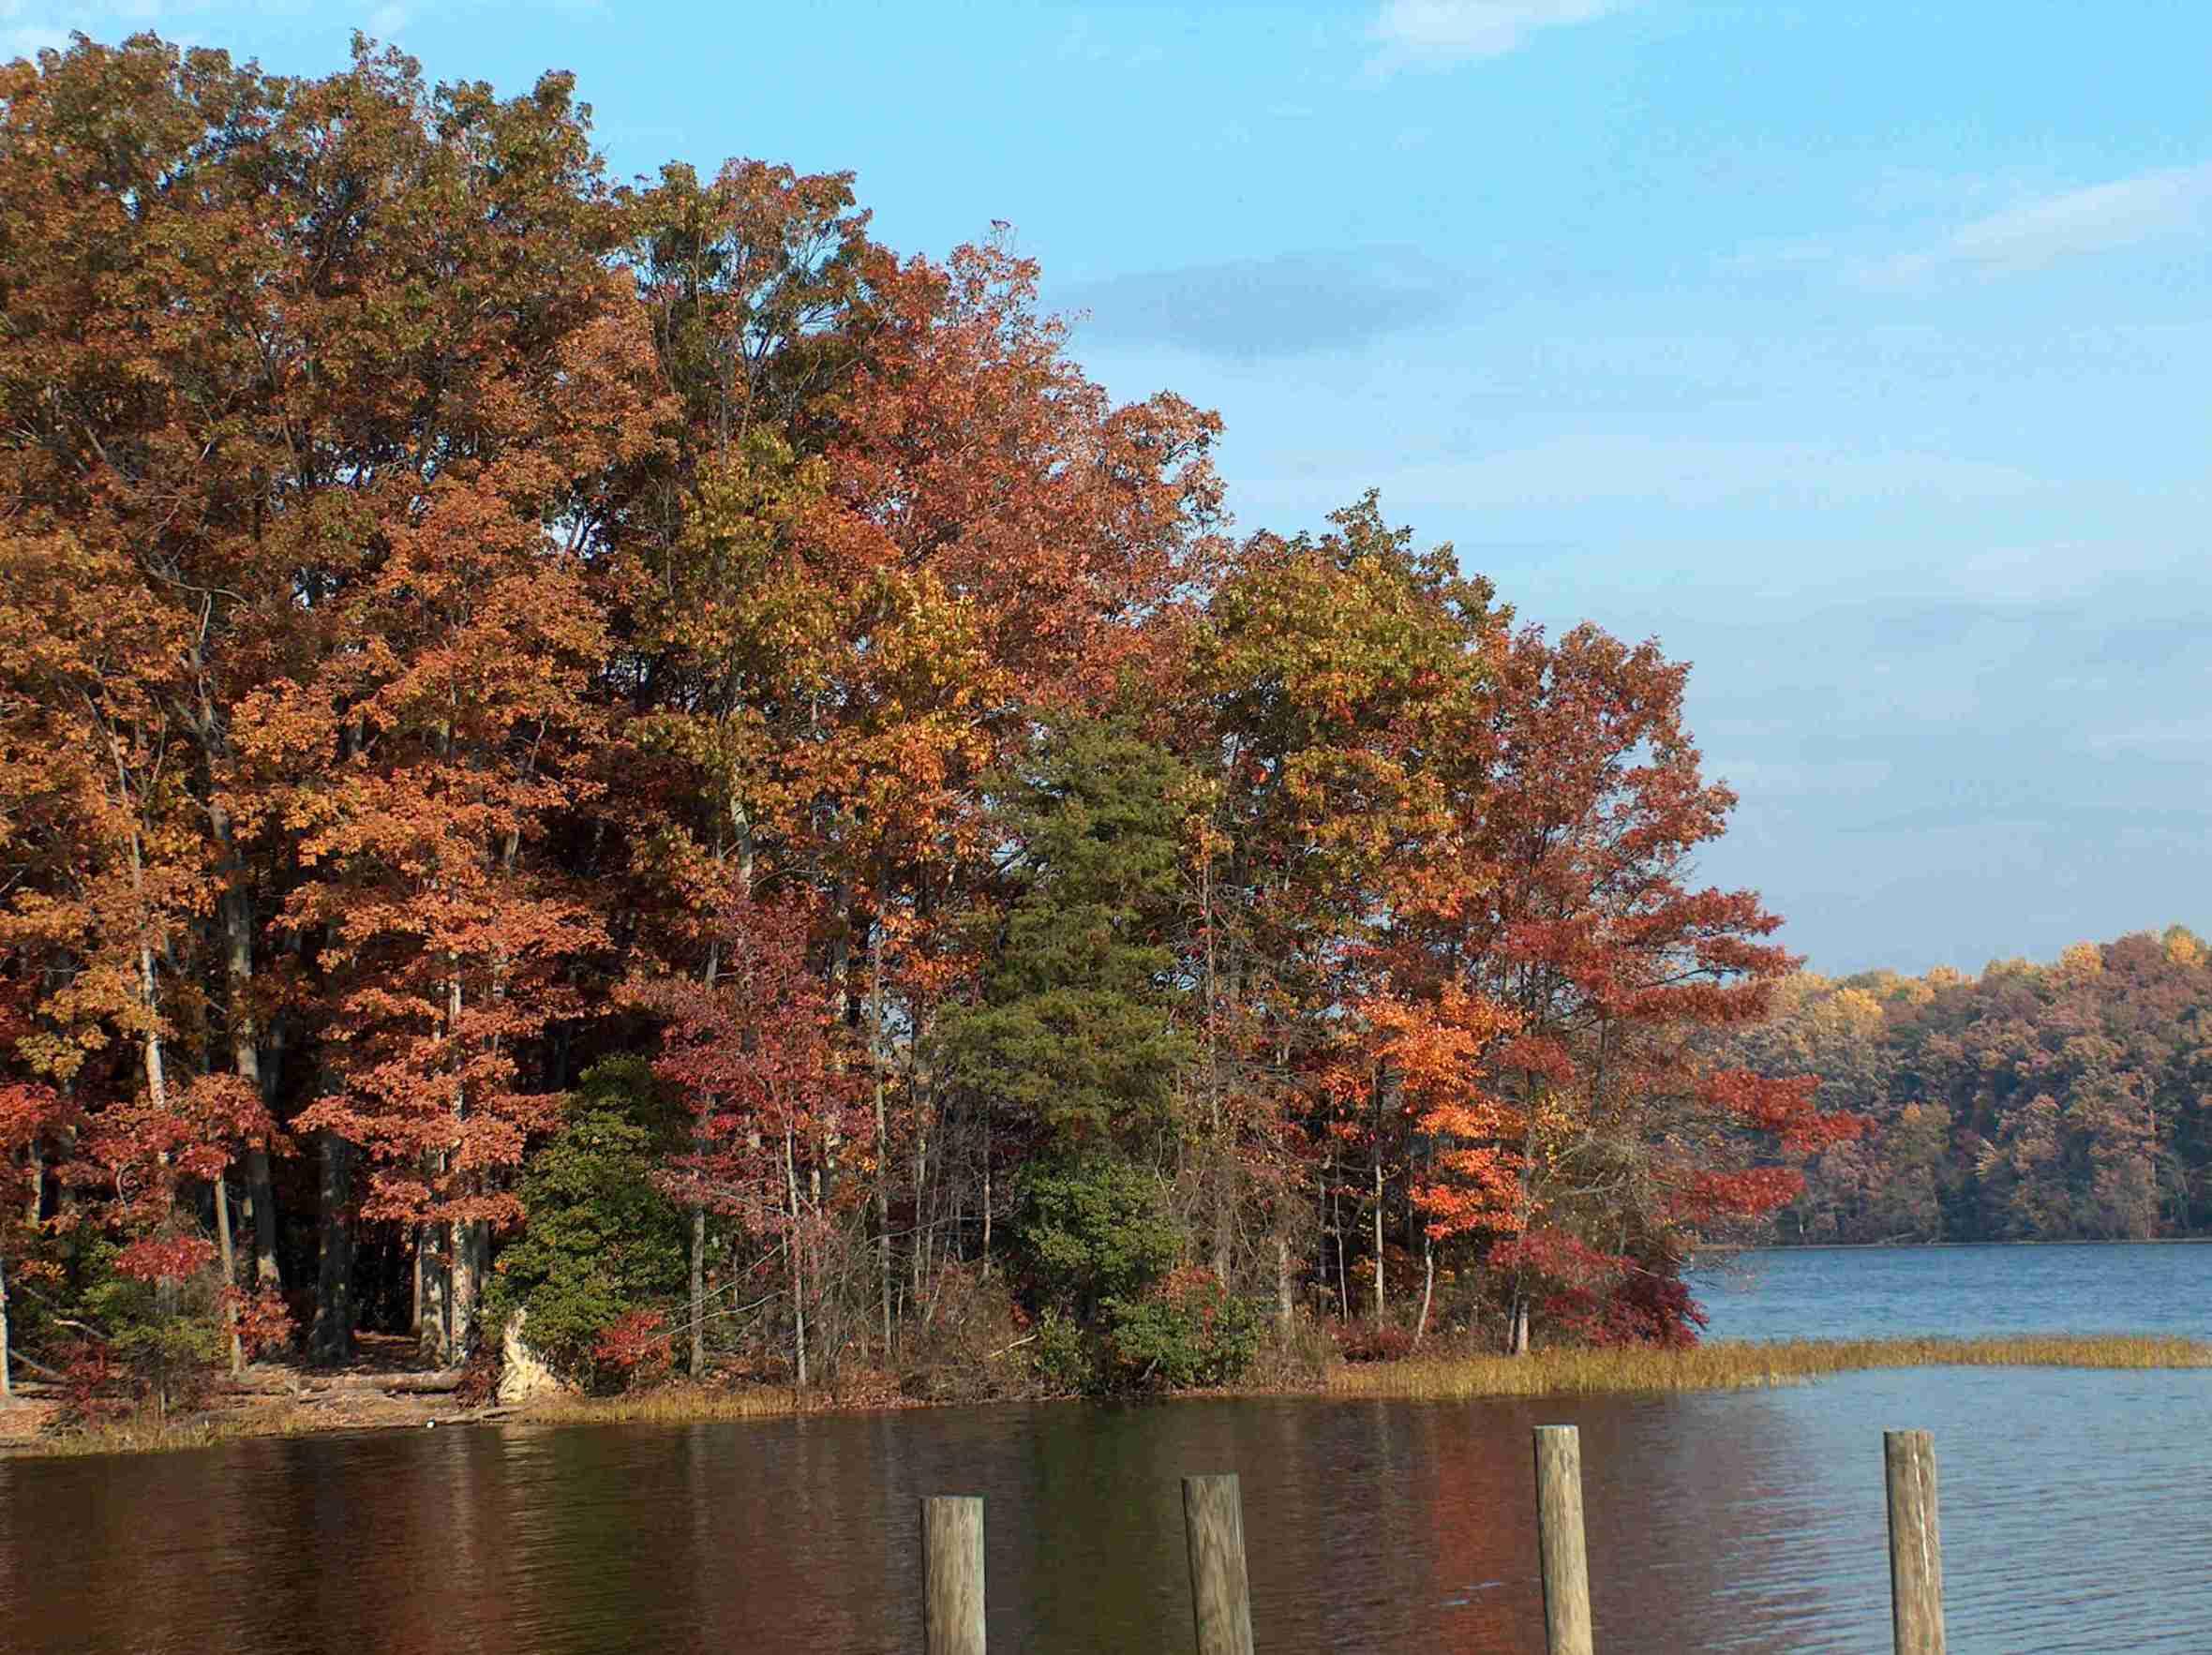 burke-lake-pic.jpg